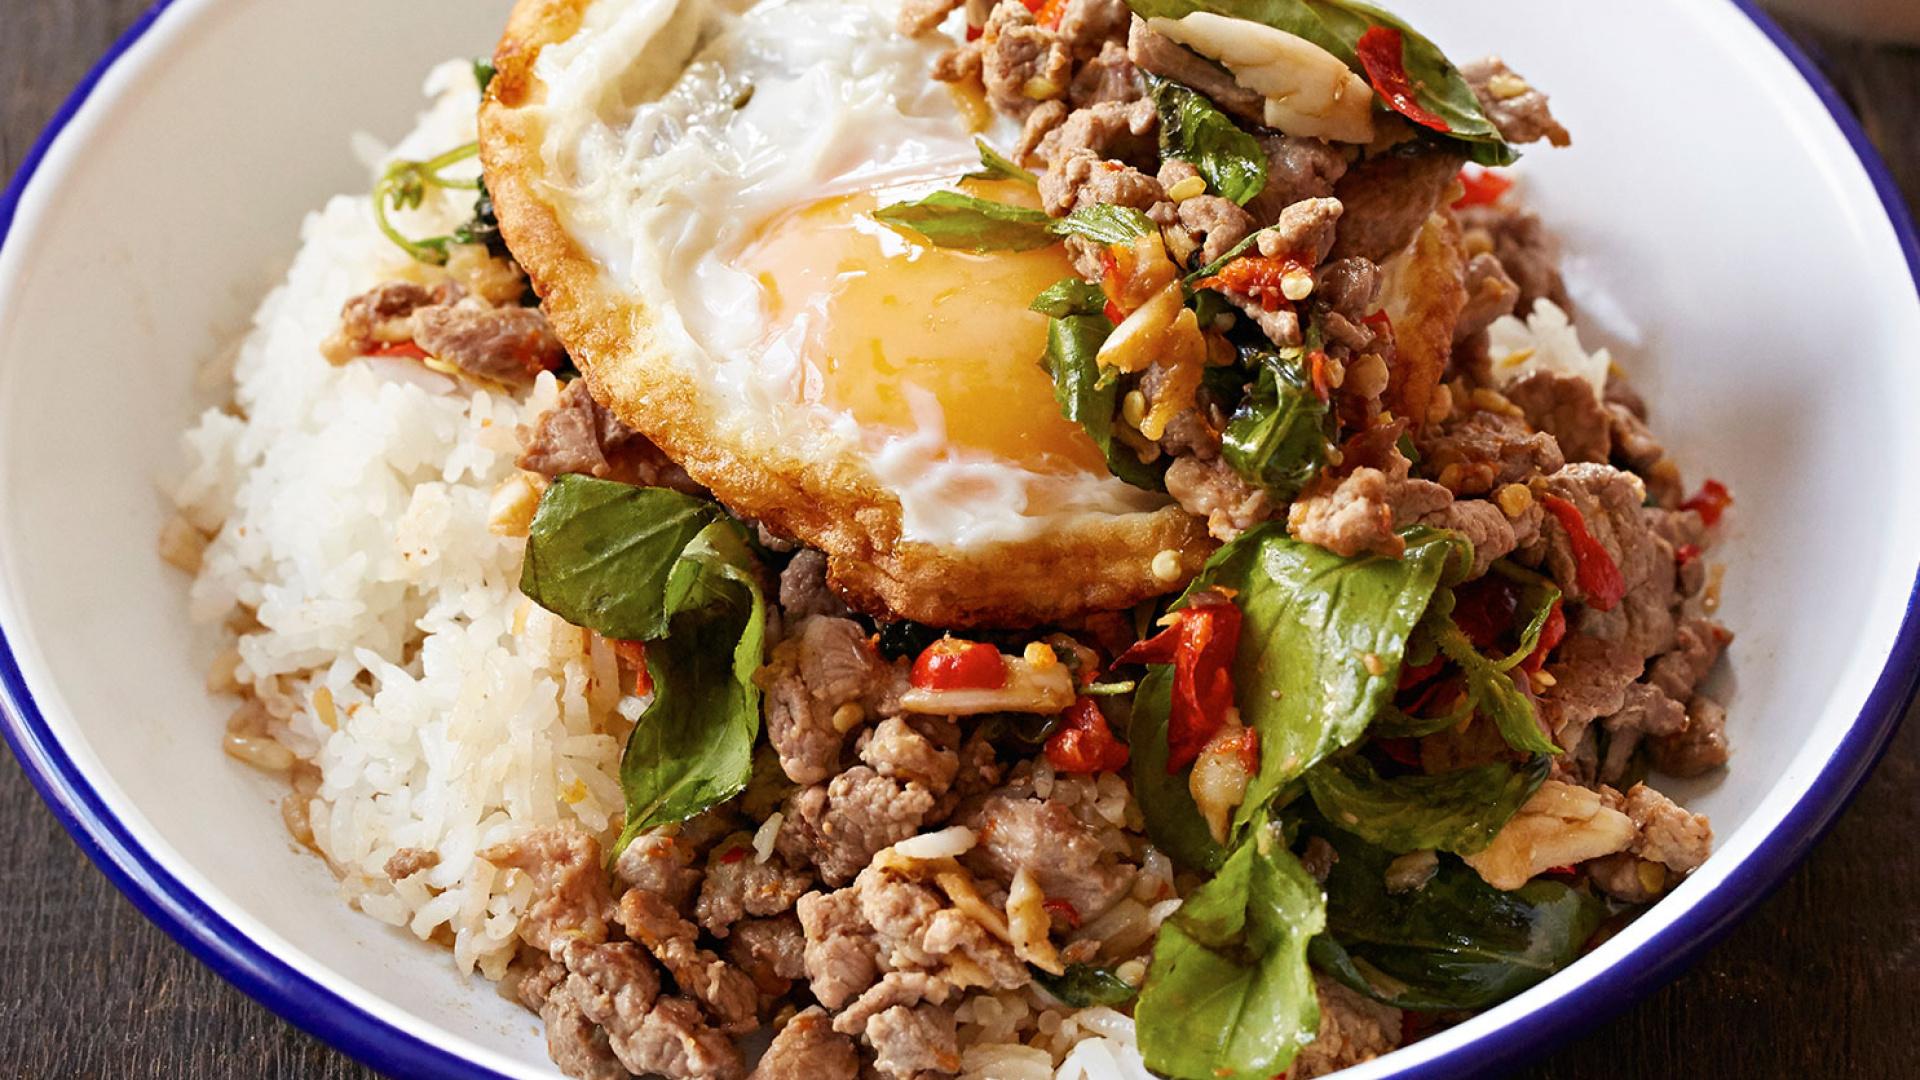 A dish at Som Saa